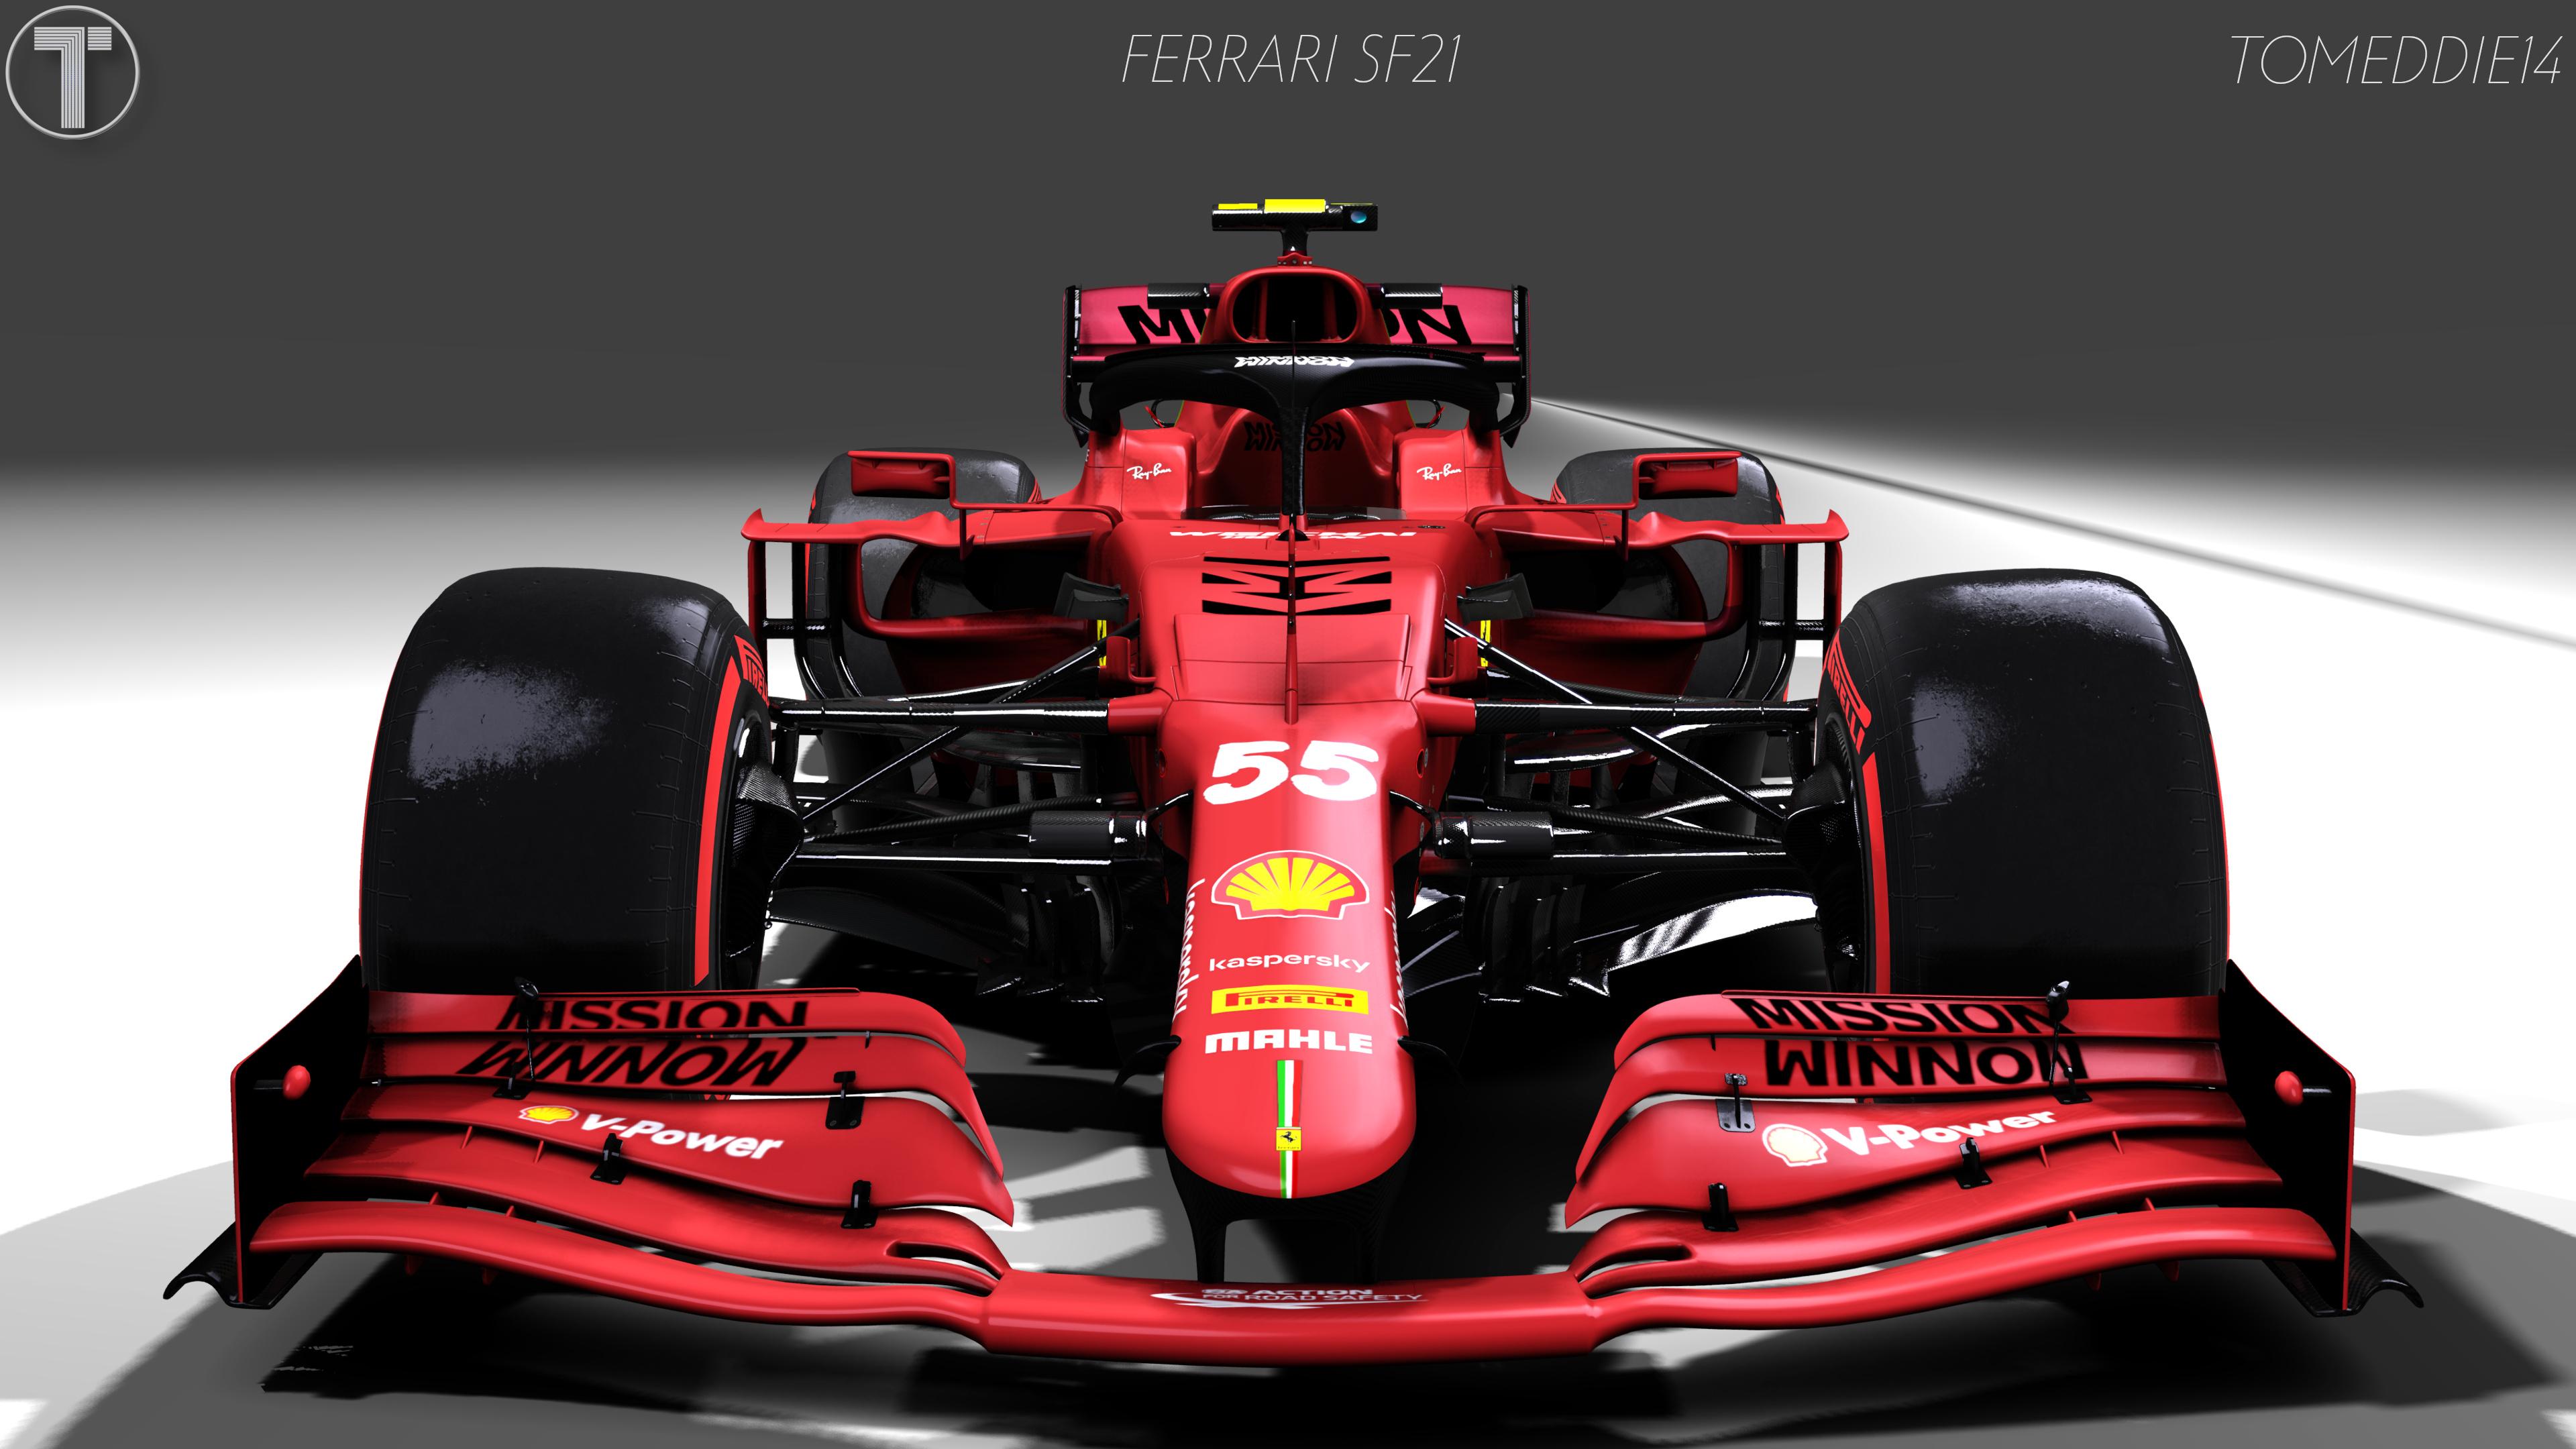 Ferrari SF21_55.3.jpg